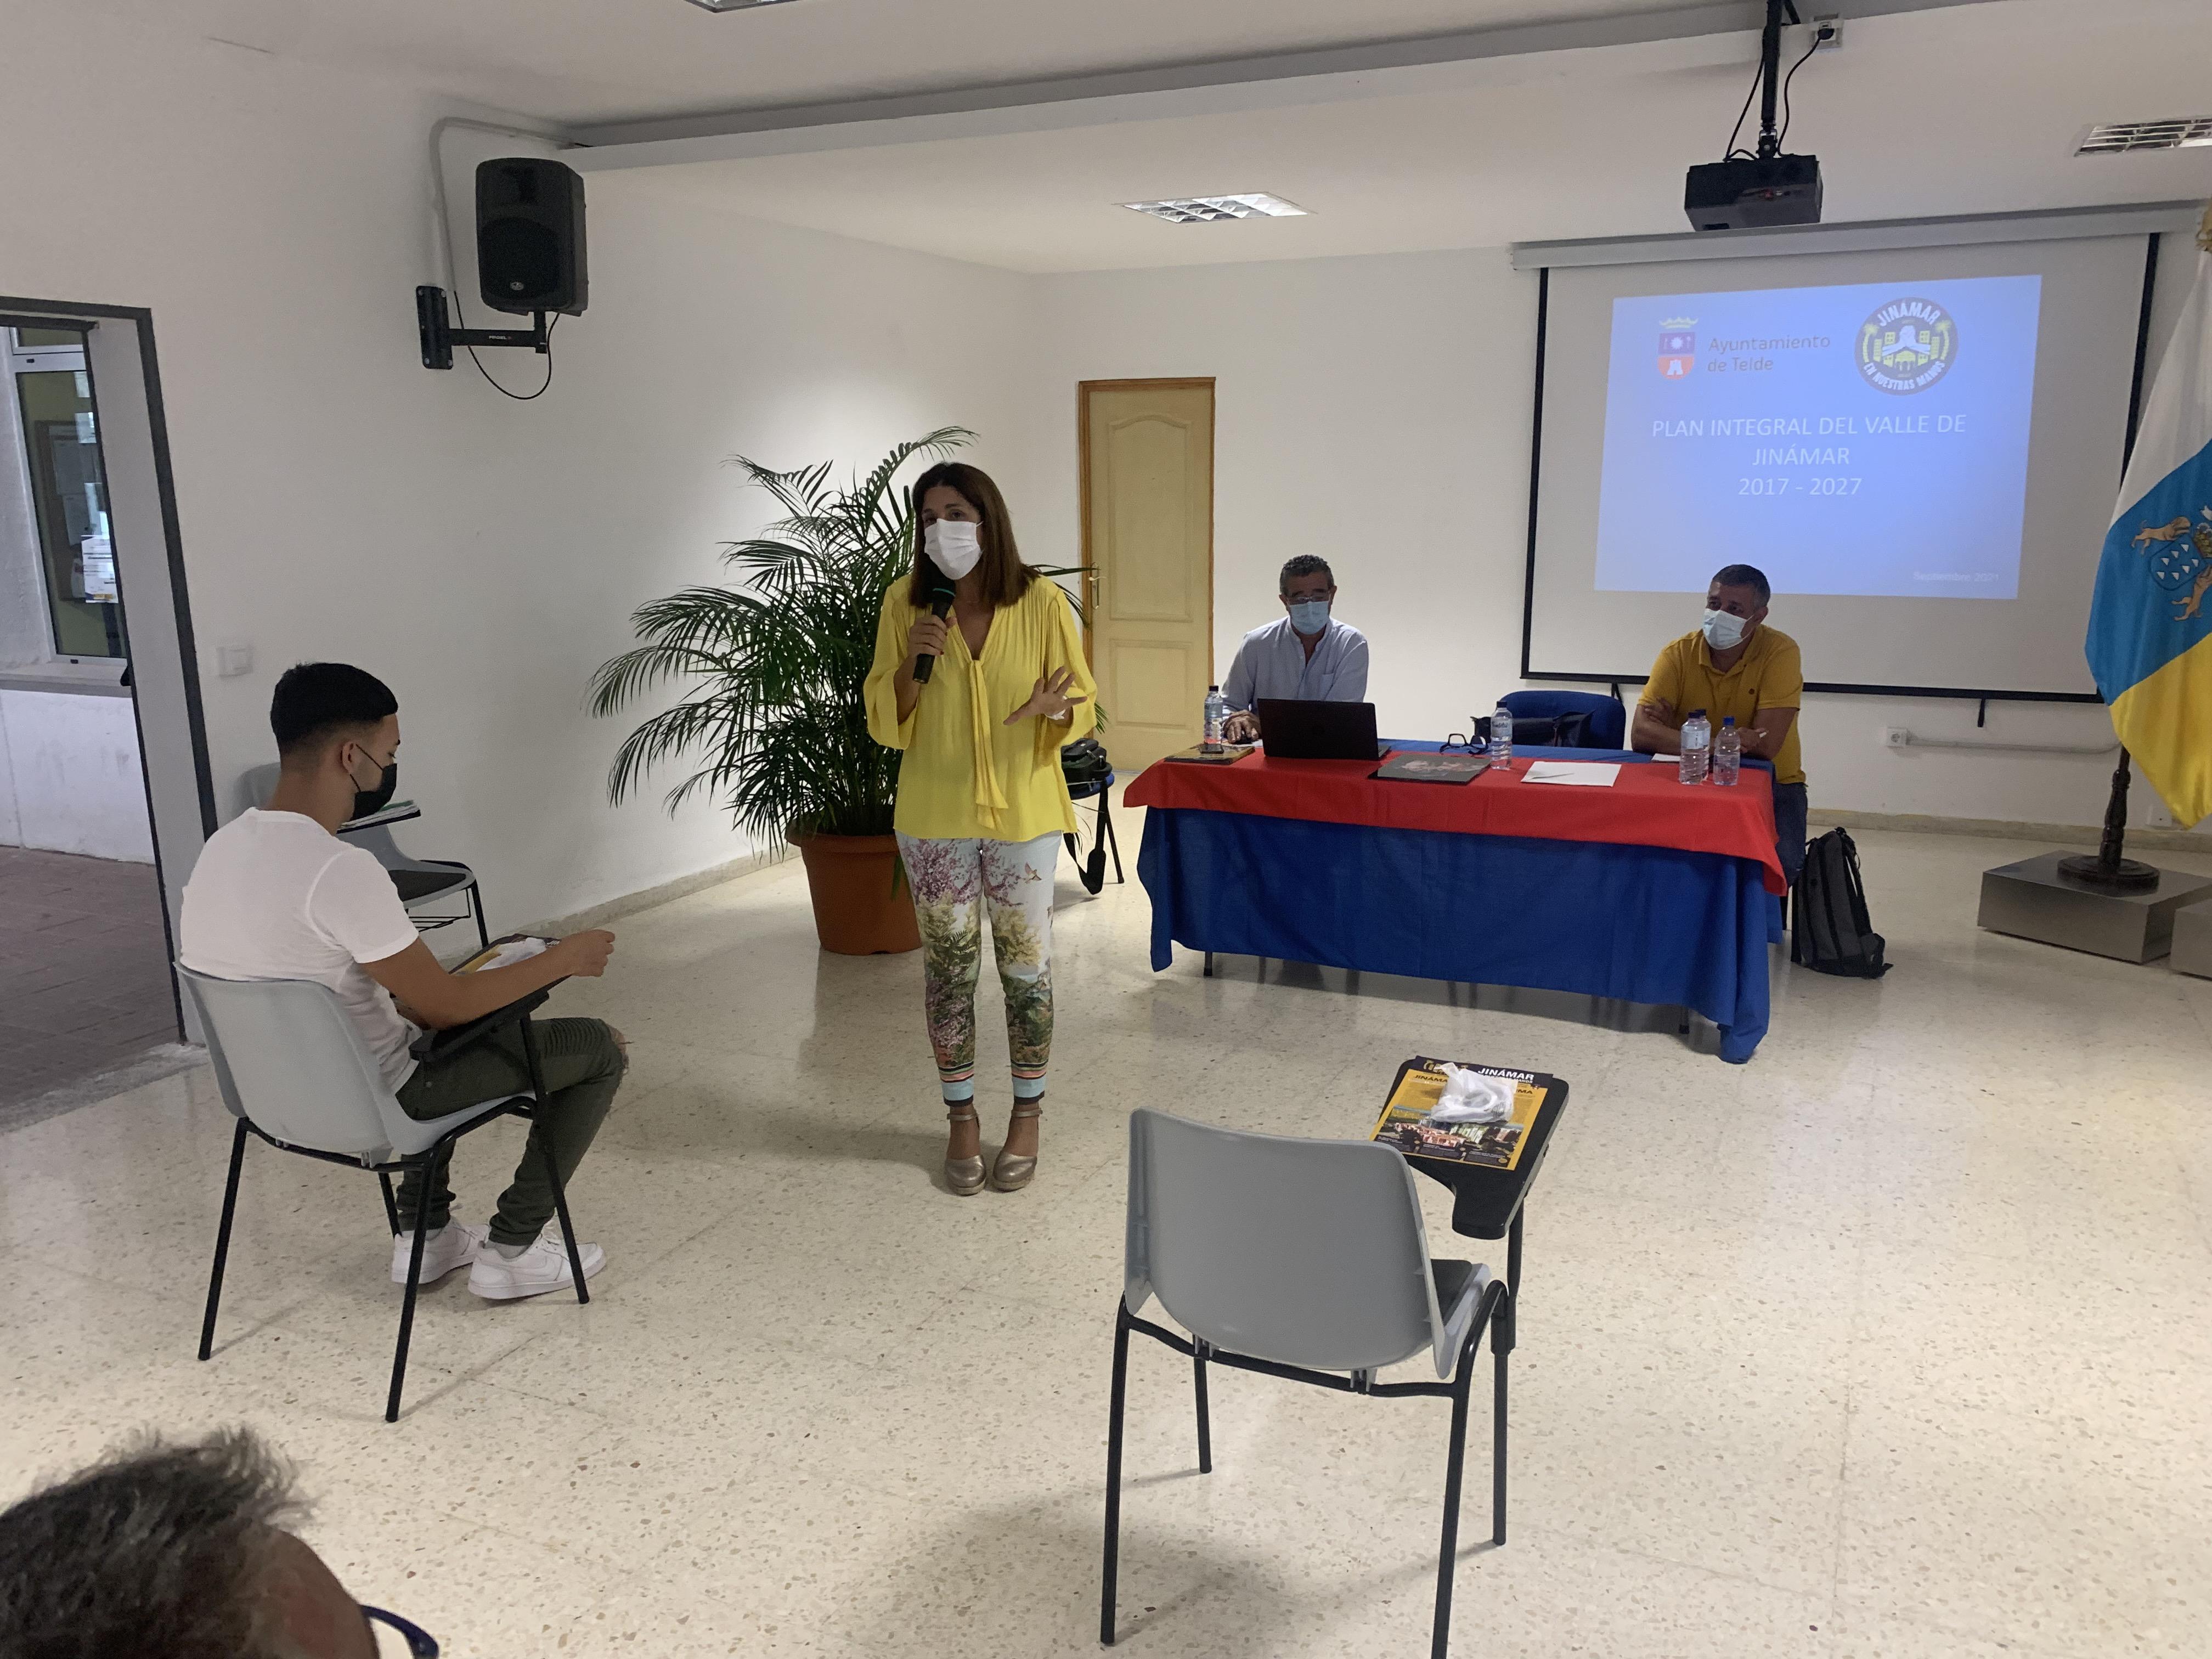 La alcaldesa de Telde se reúne con los colectivos vecinales del Valle de Jinámar / CanariasNoticias.es